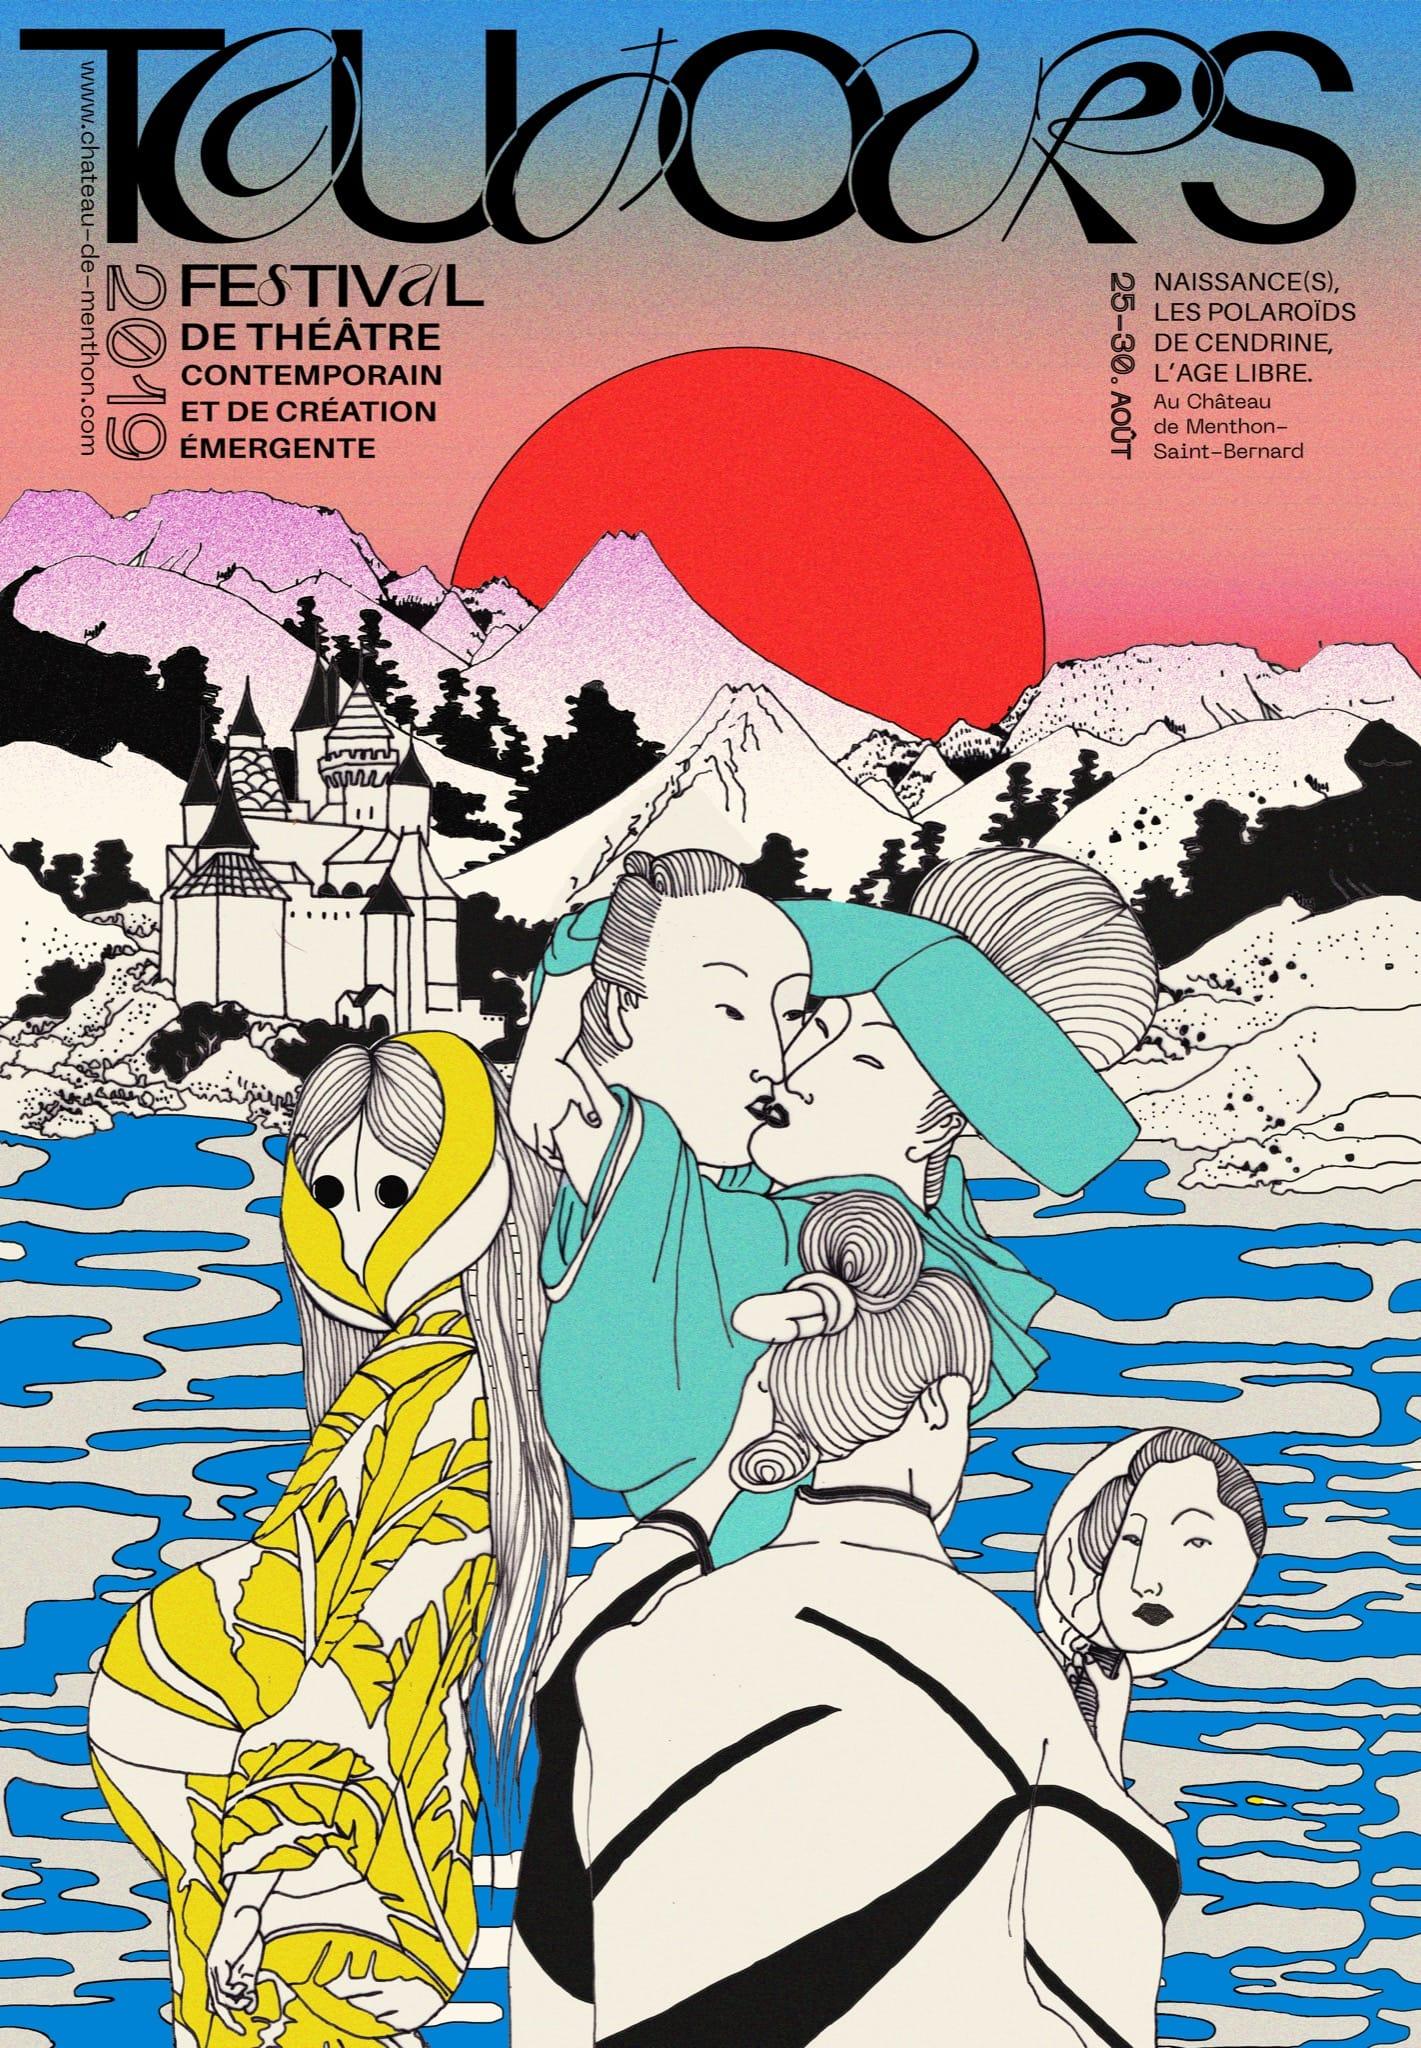 Toujours Festival 2019 affiche théâtre contemporain